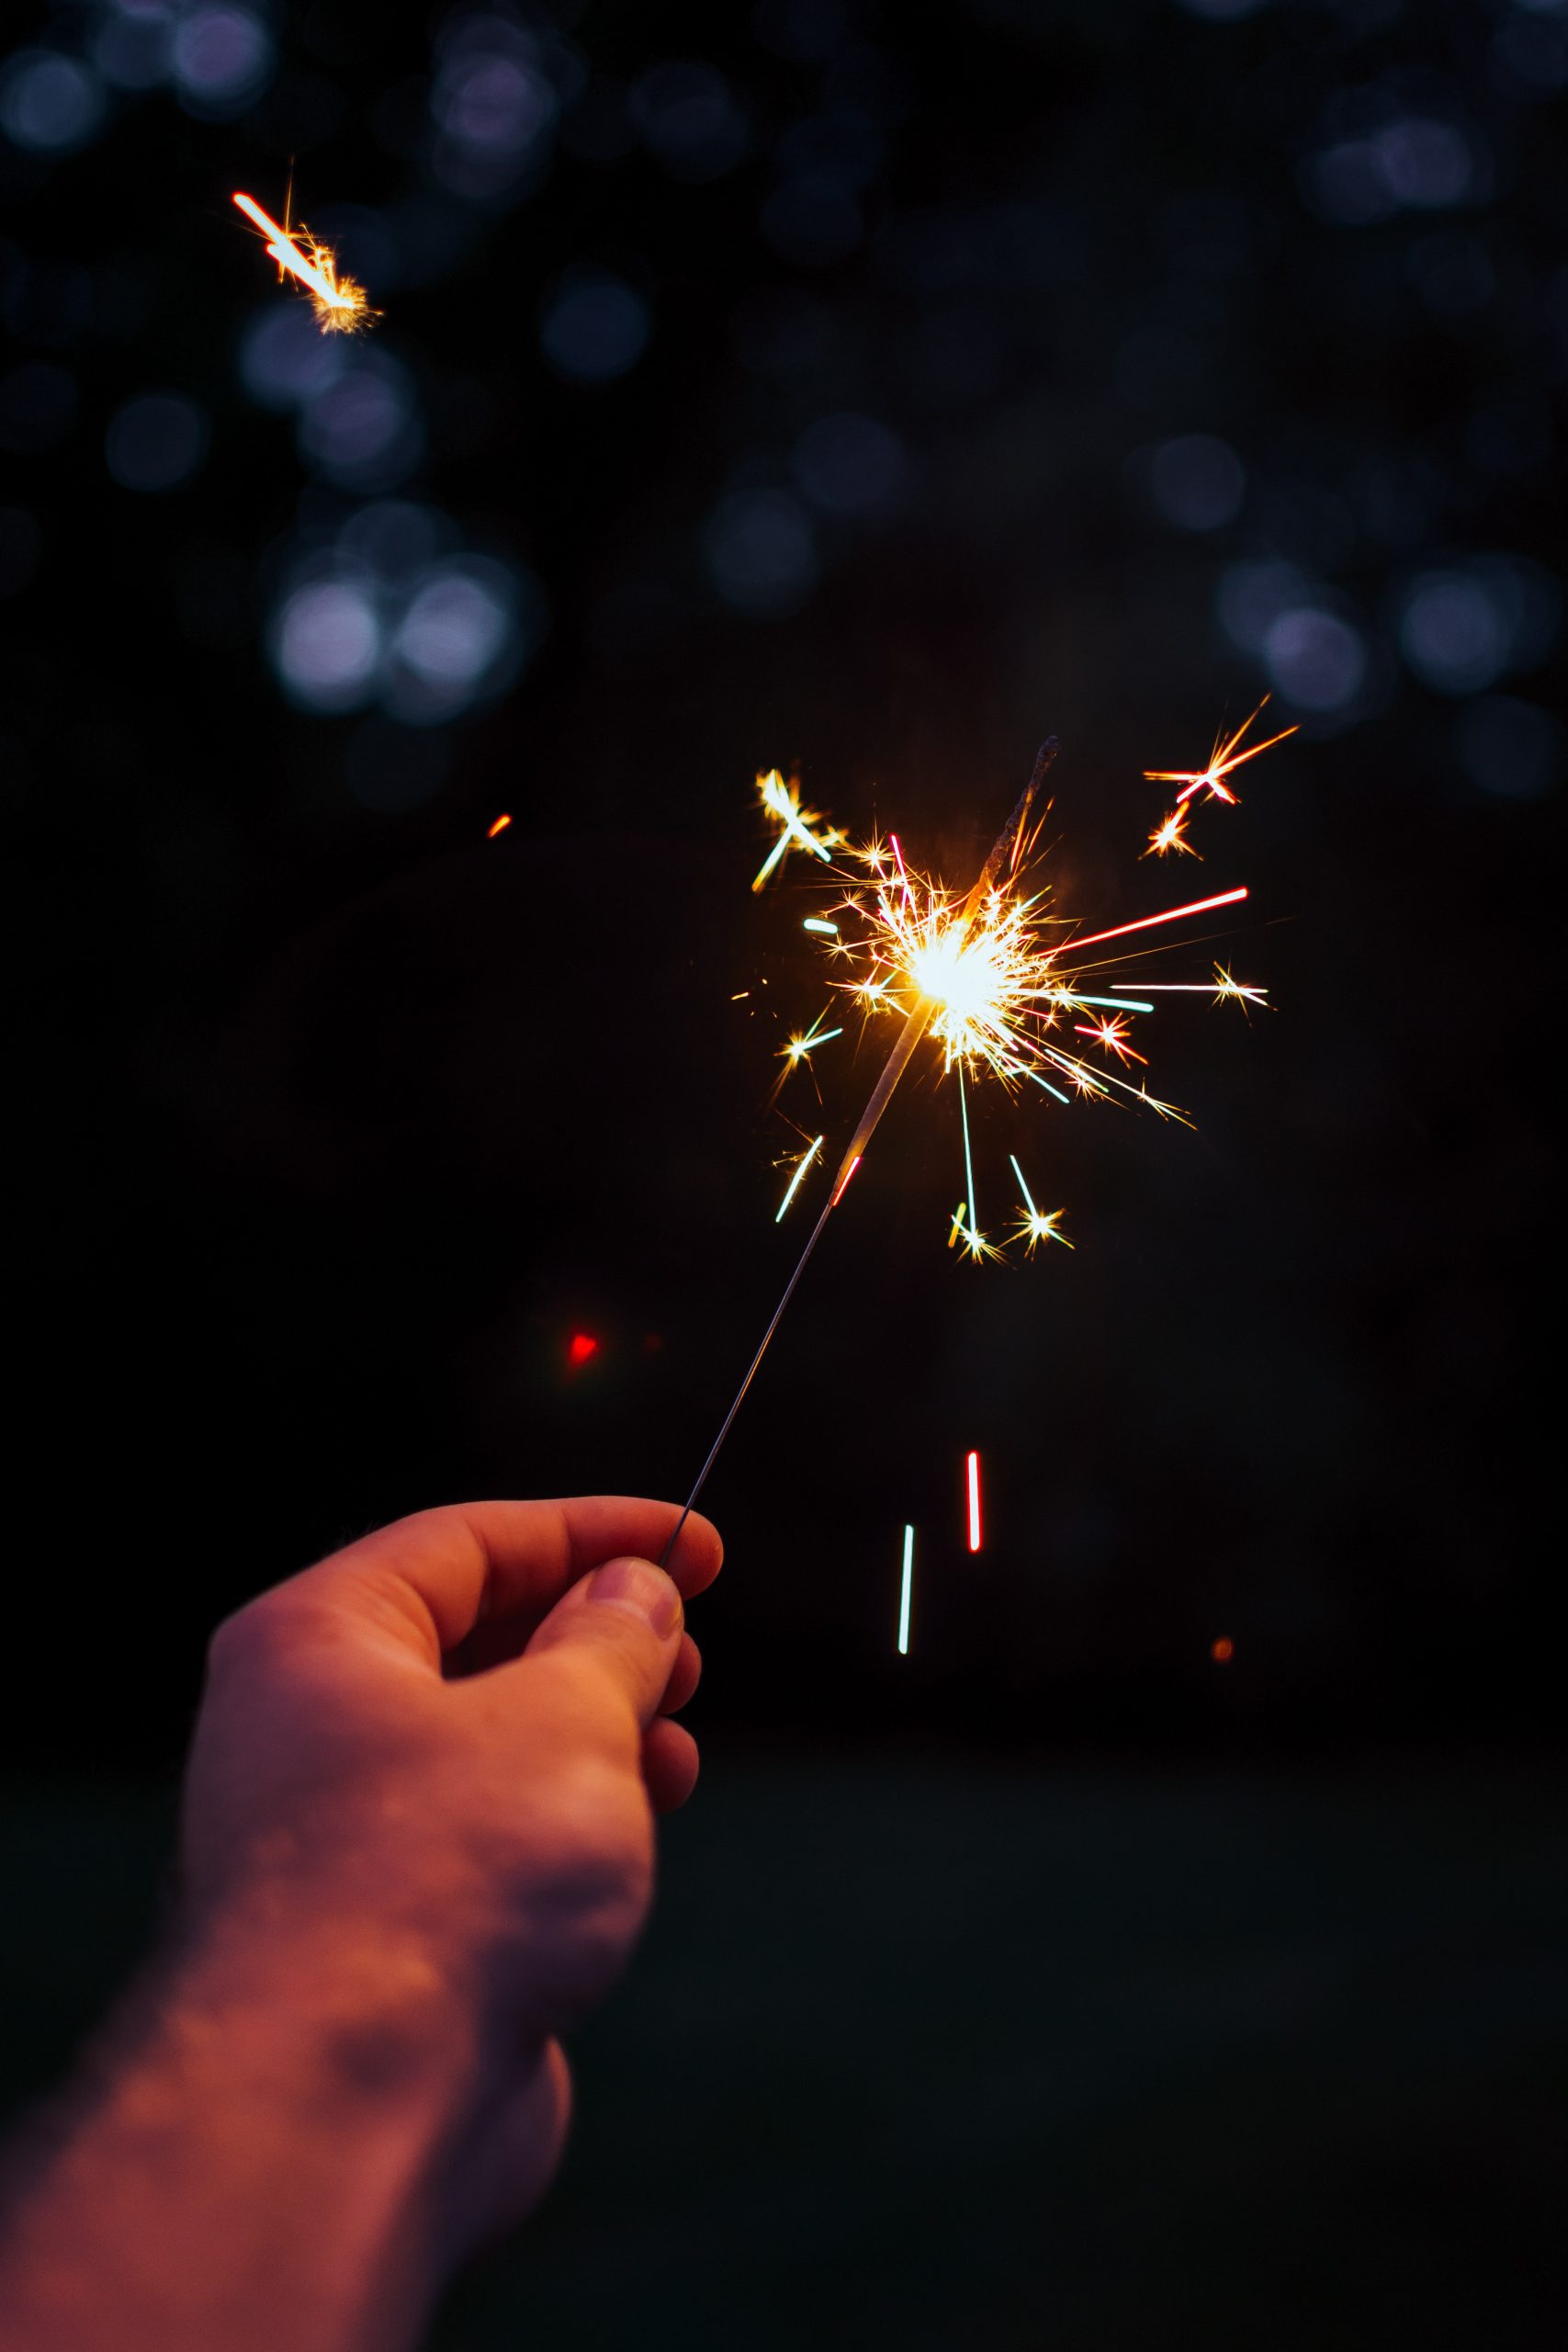 Joyeuse année 2021 à toutes et à tous !